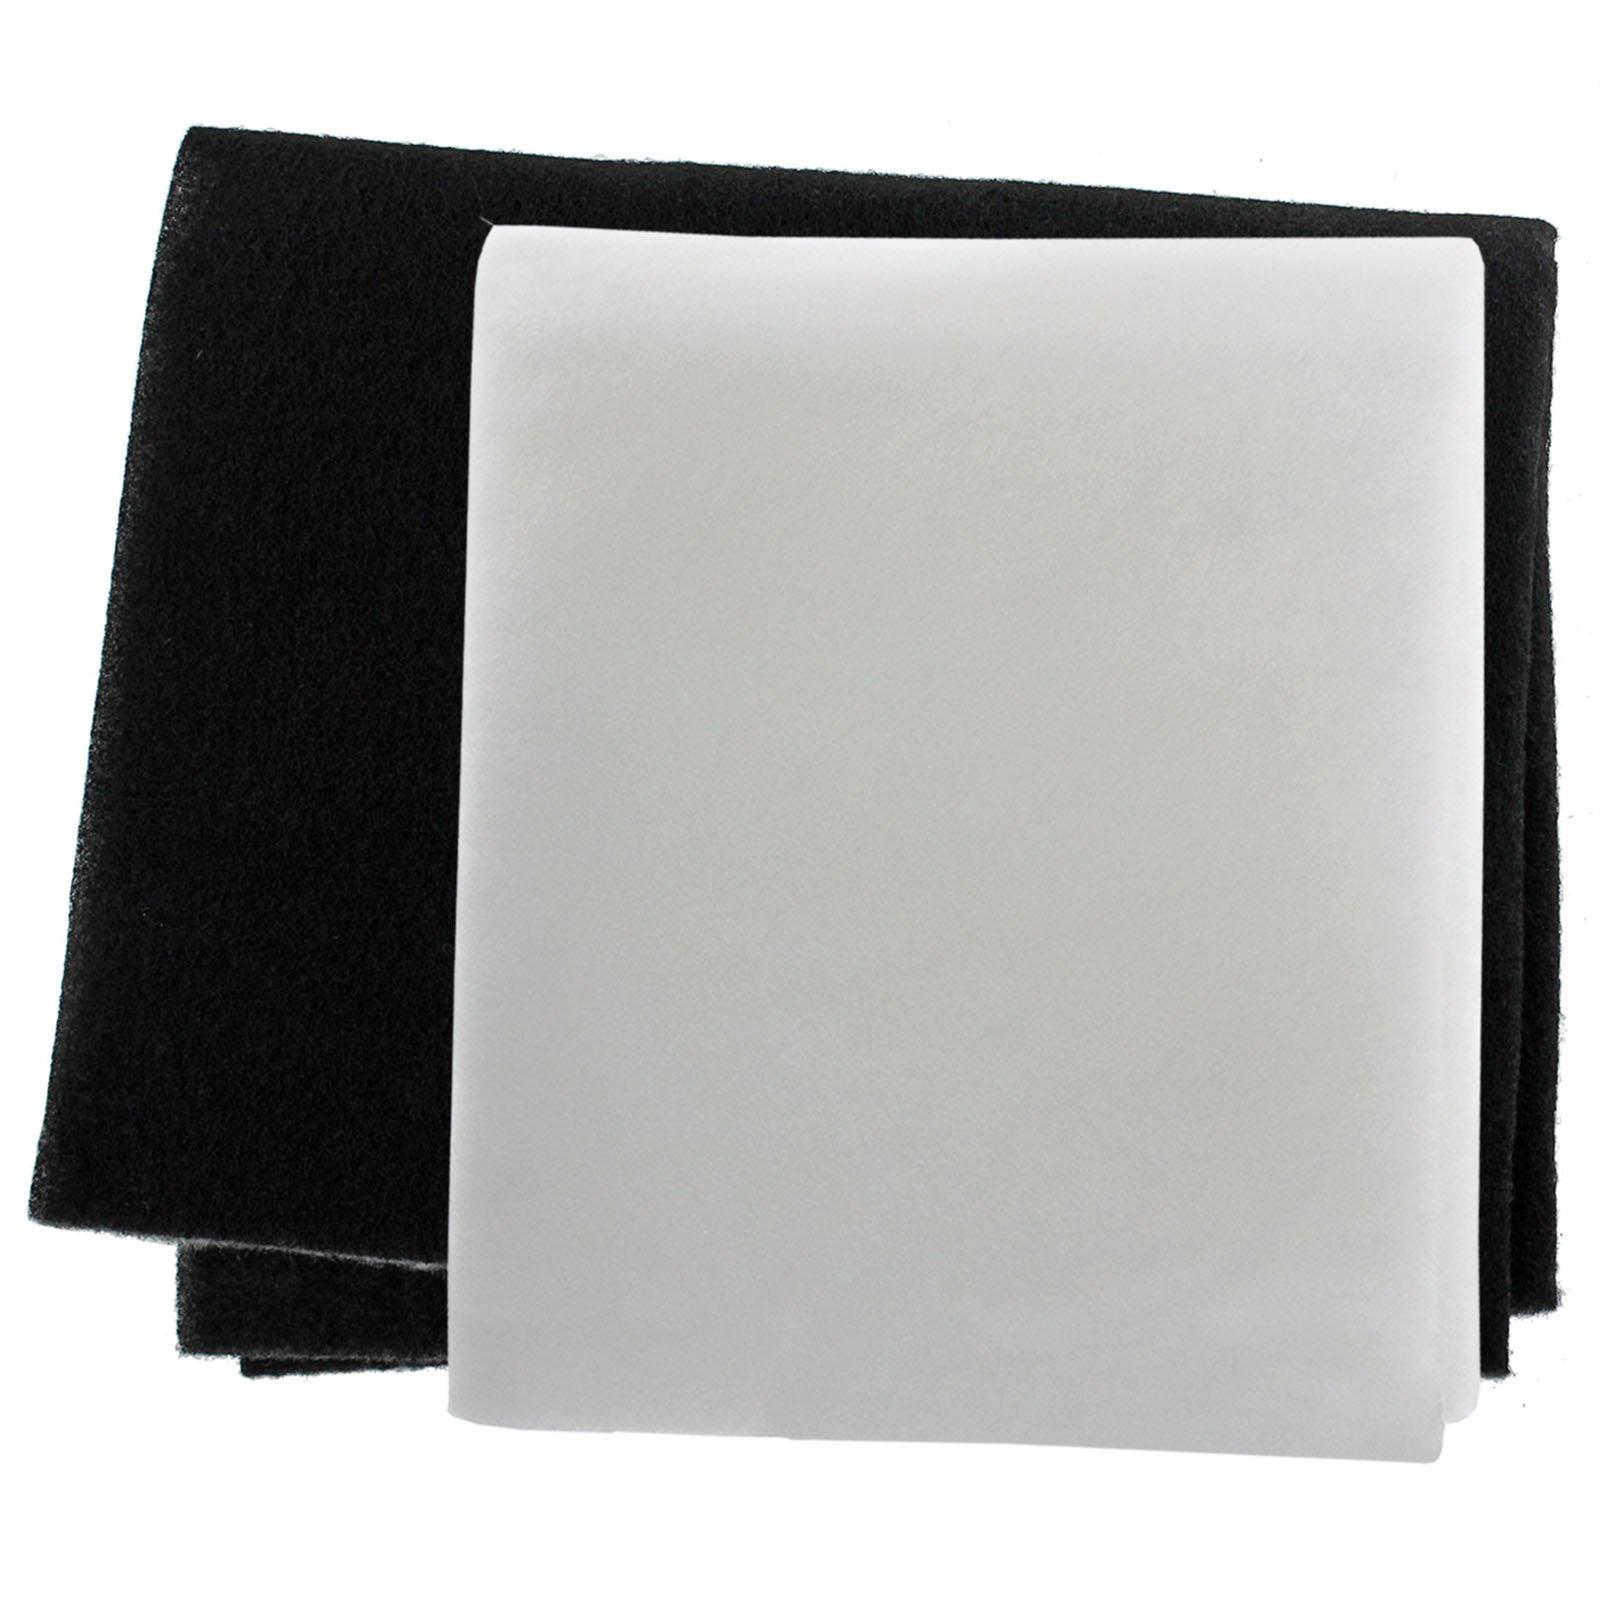 Spares2go filtro cappa Grease kit per elica ventilatore estrattore Vent (confezione da 2filtri, ta